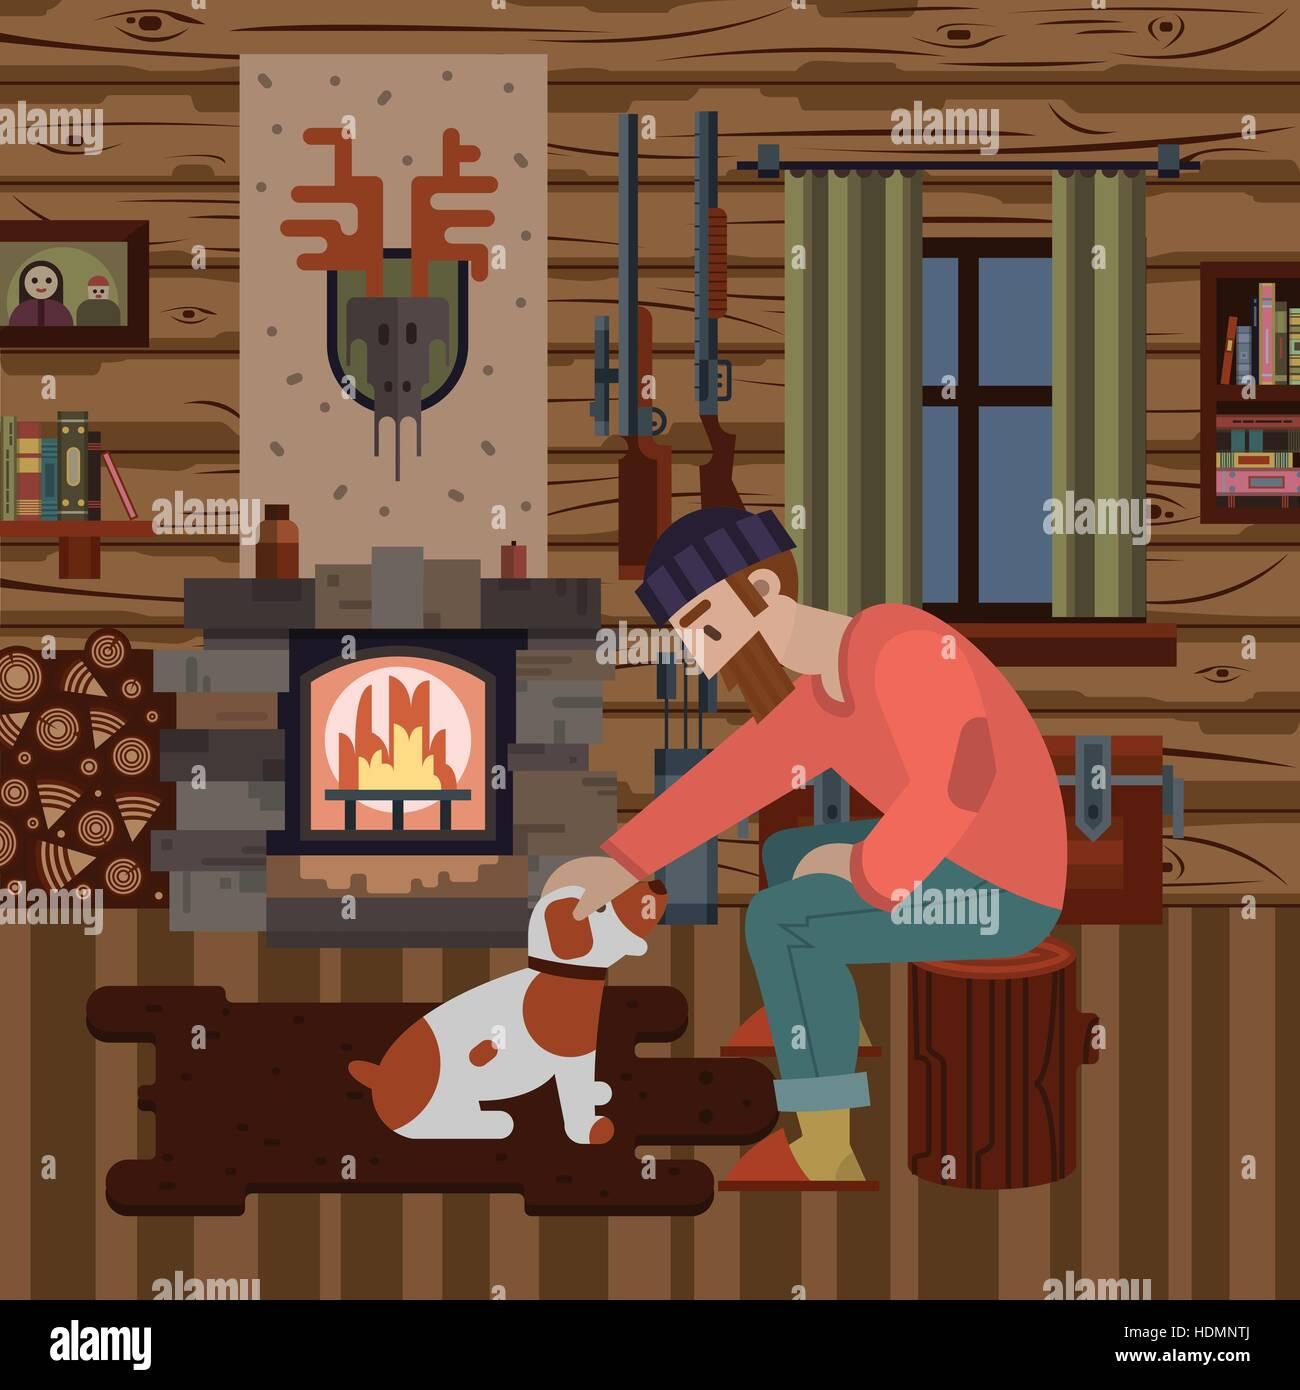 Gemutliche Einrichtung Der Jager Holzhaus Mit Verschiedenen Artikeln